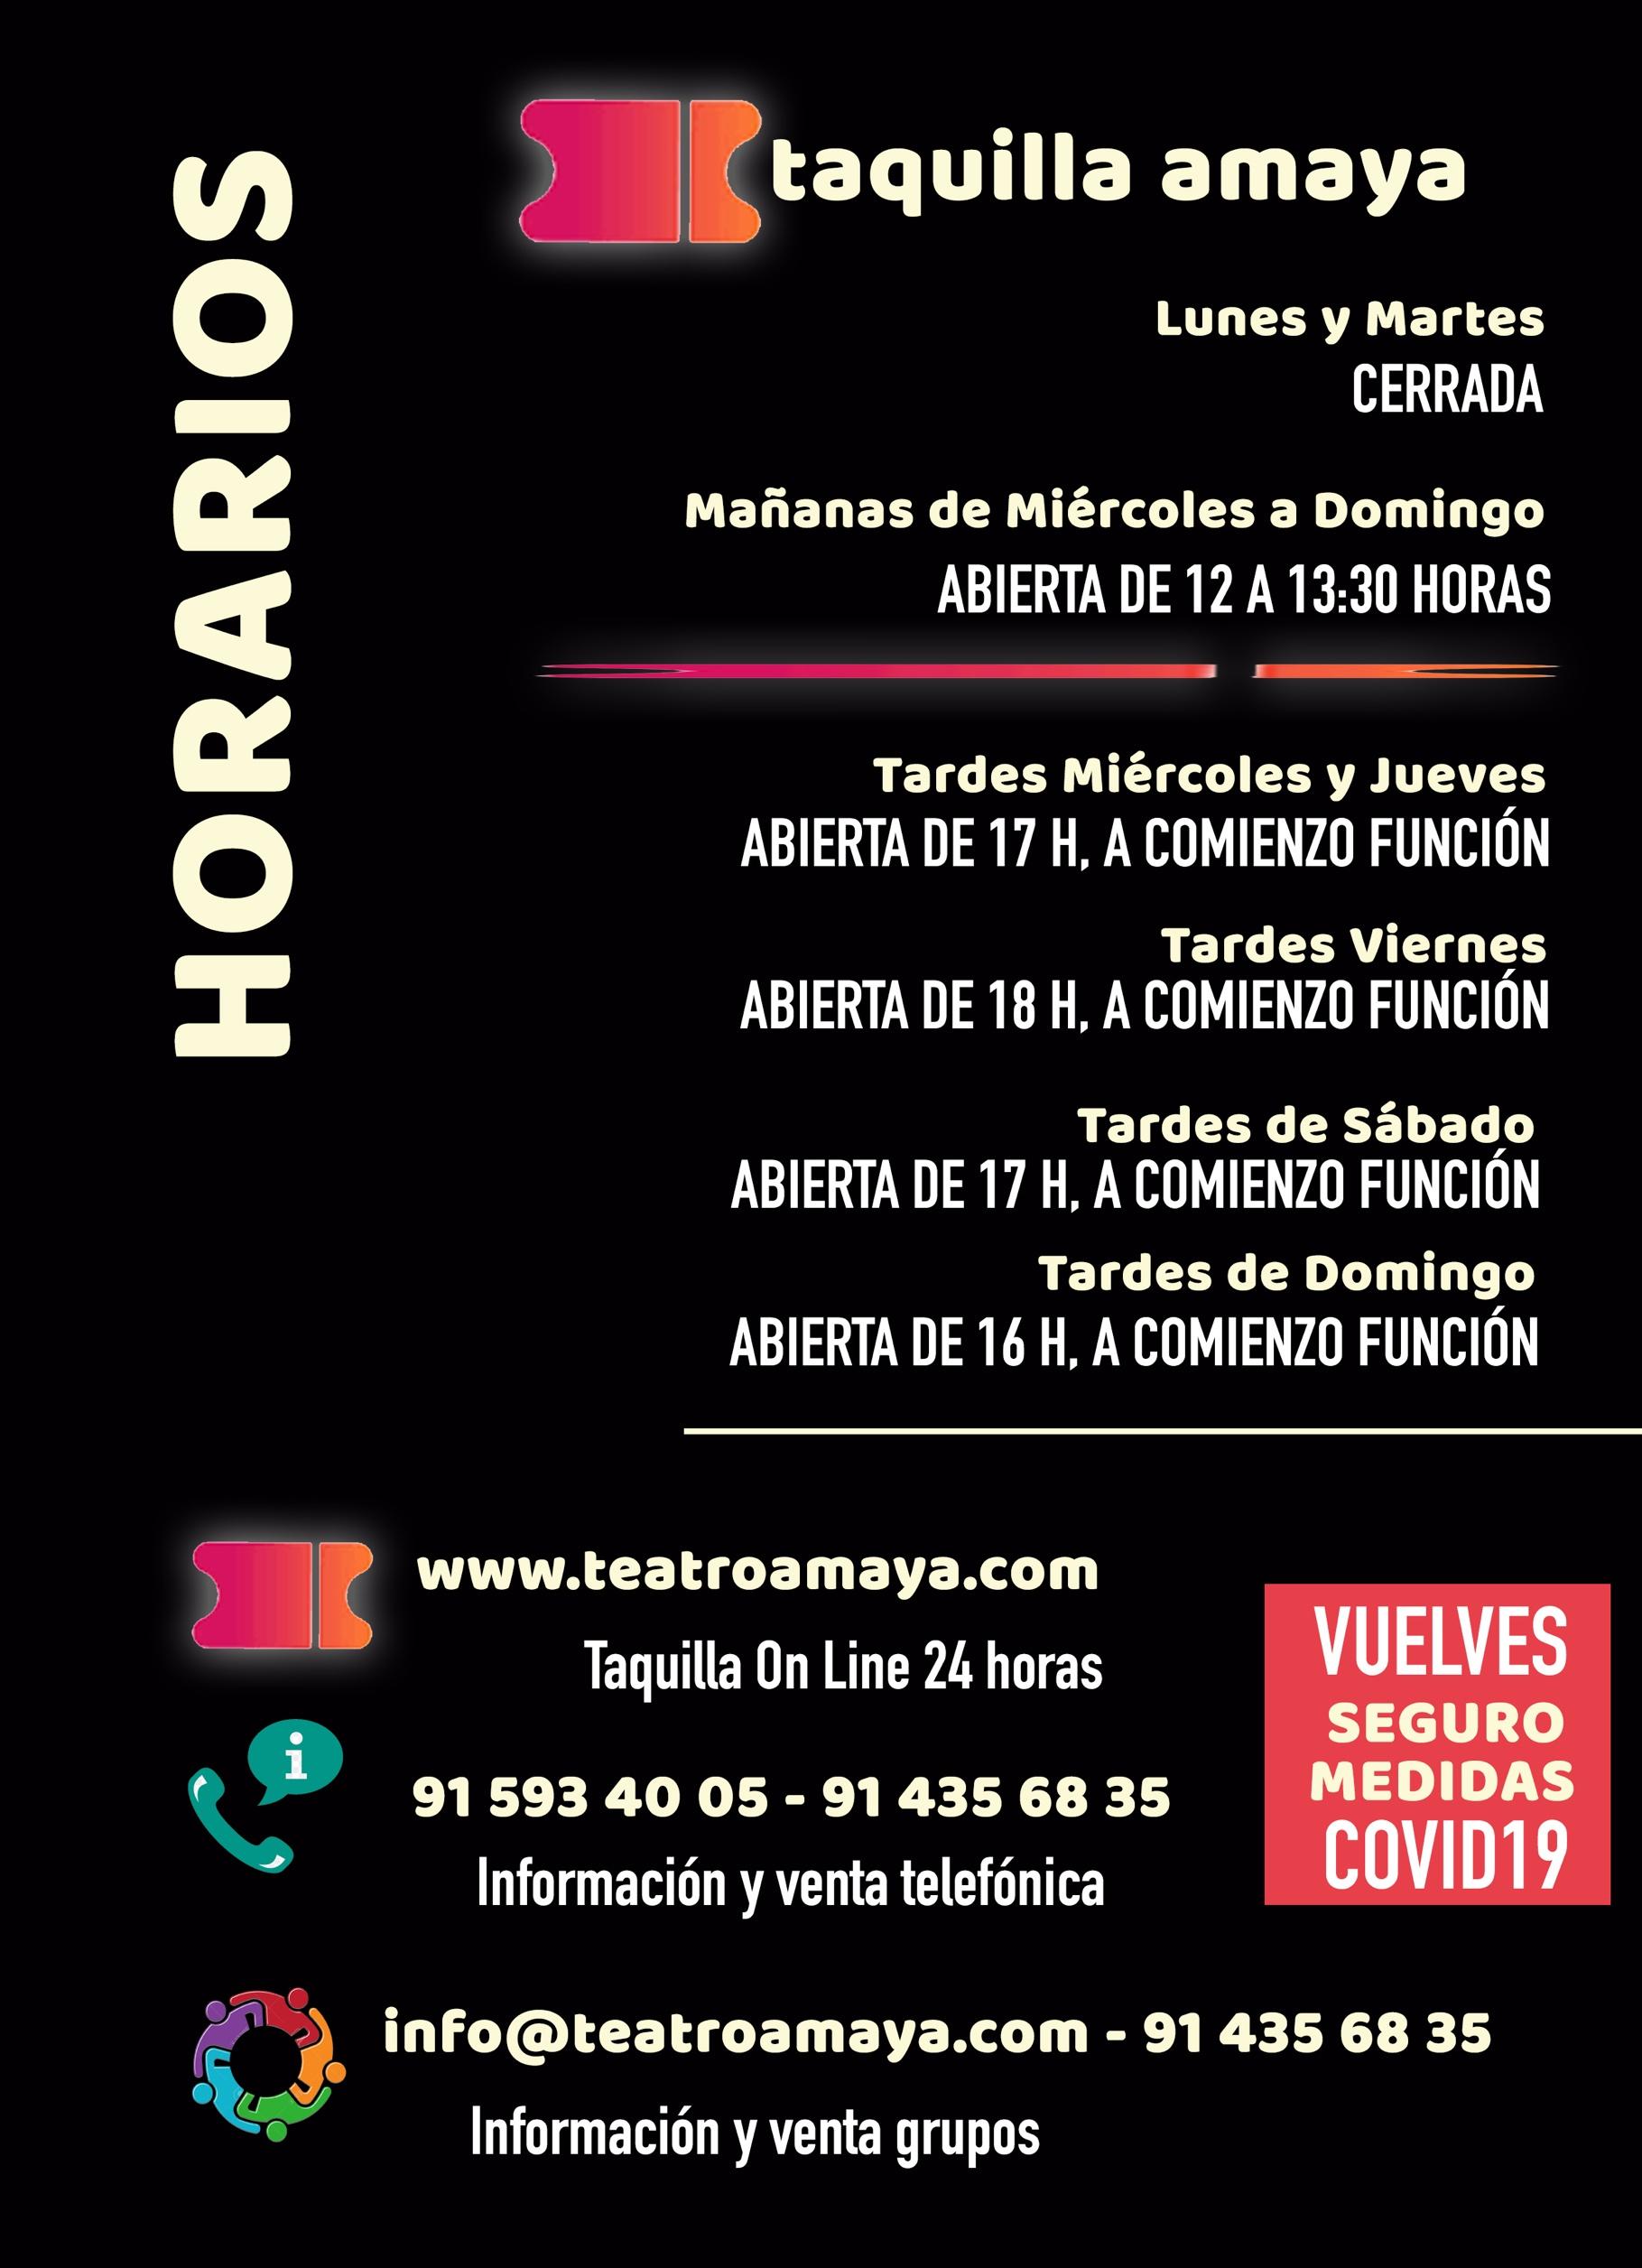 HORARIOS DE TAQUILLA TEATRO AMAYA